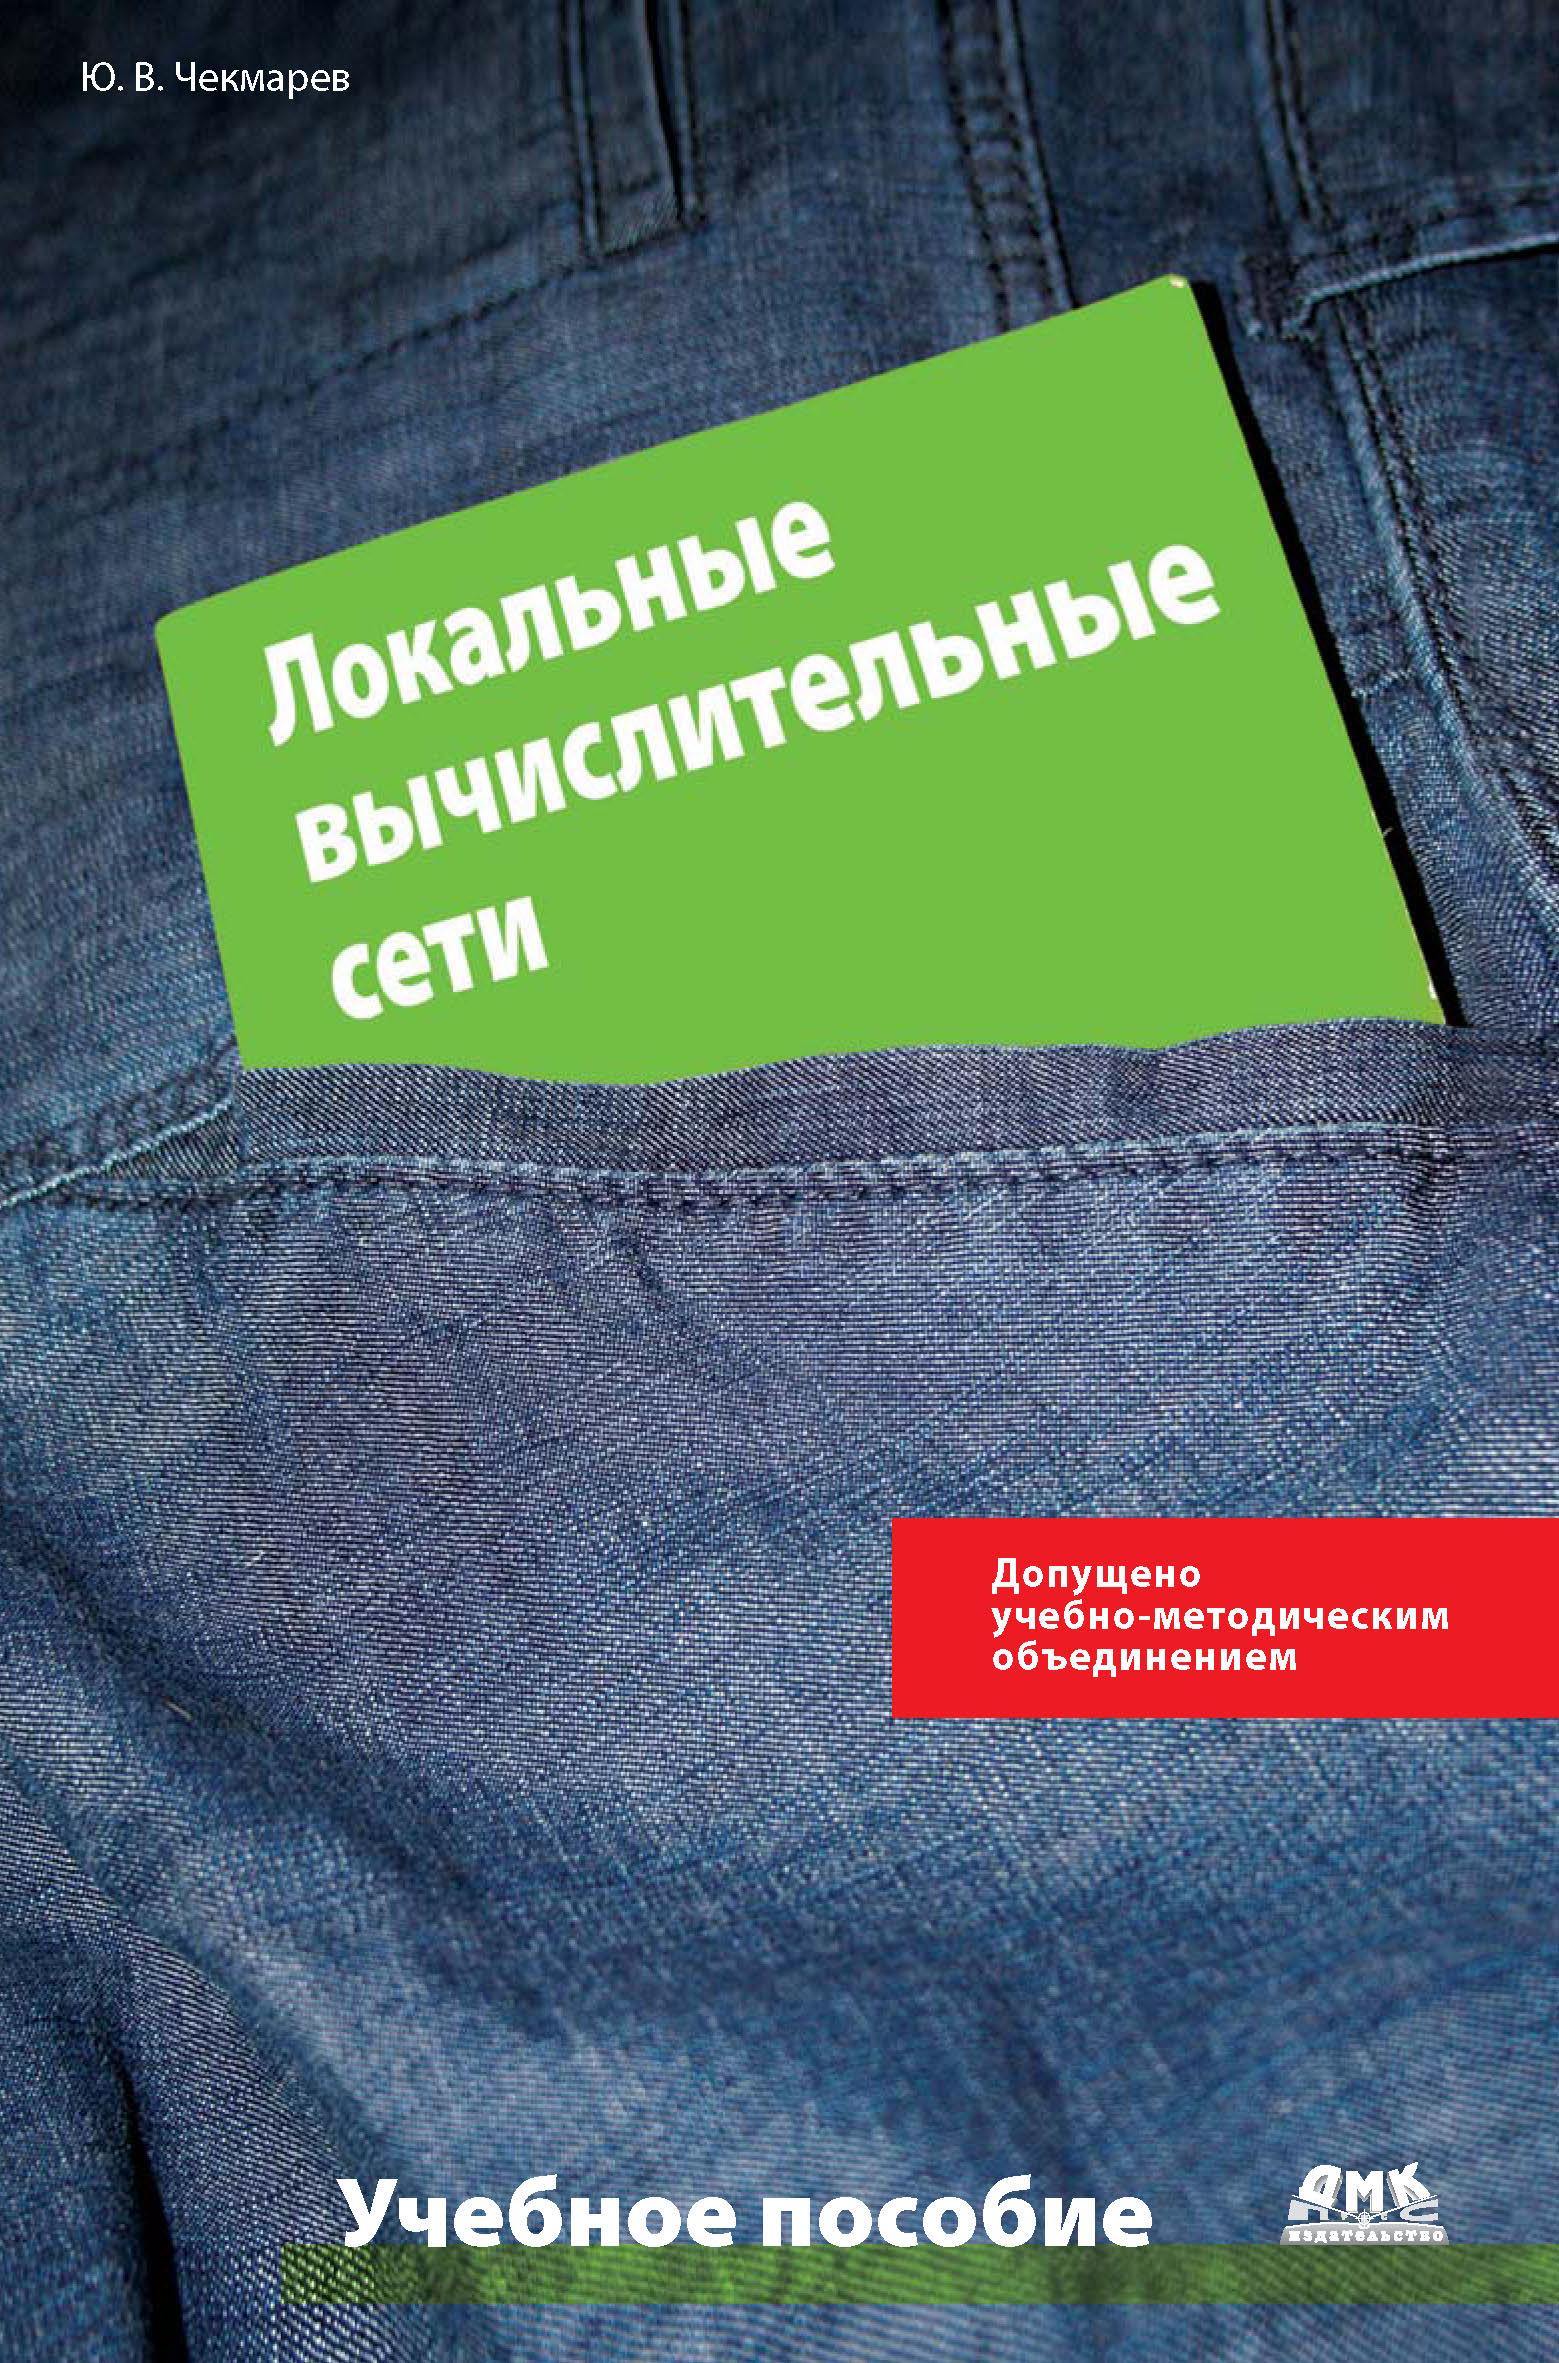 Фото - Ю. В. Чекмарев Локальные вычислительные сети ю в чекмарев основы информационных технологий учебное пособие